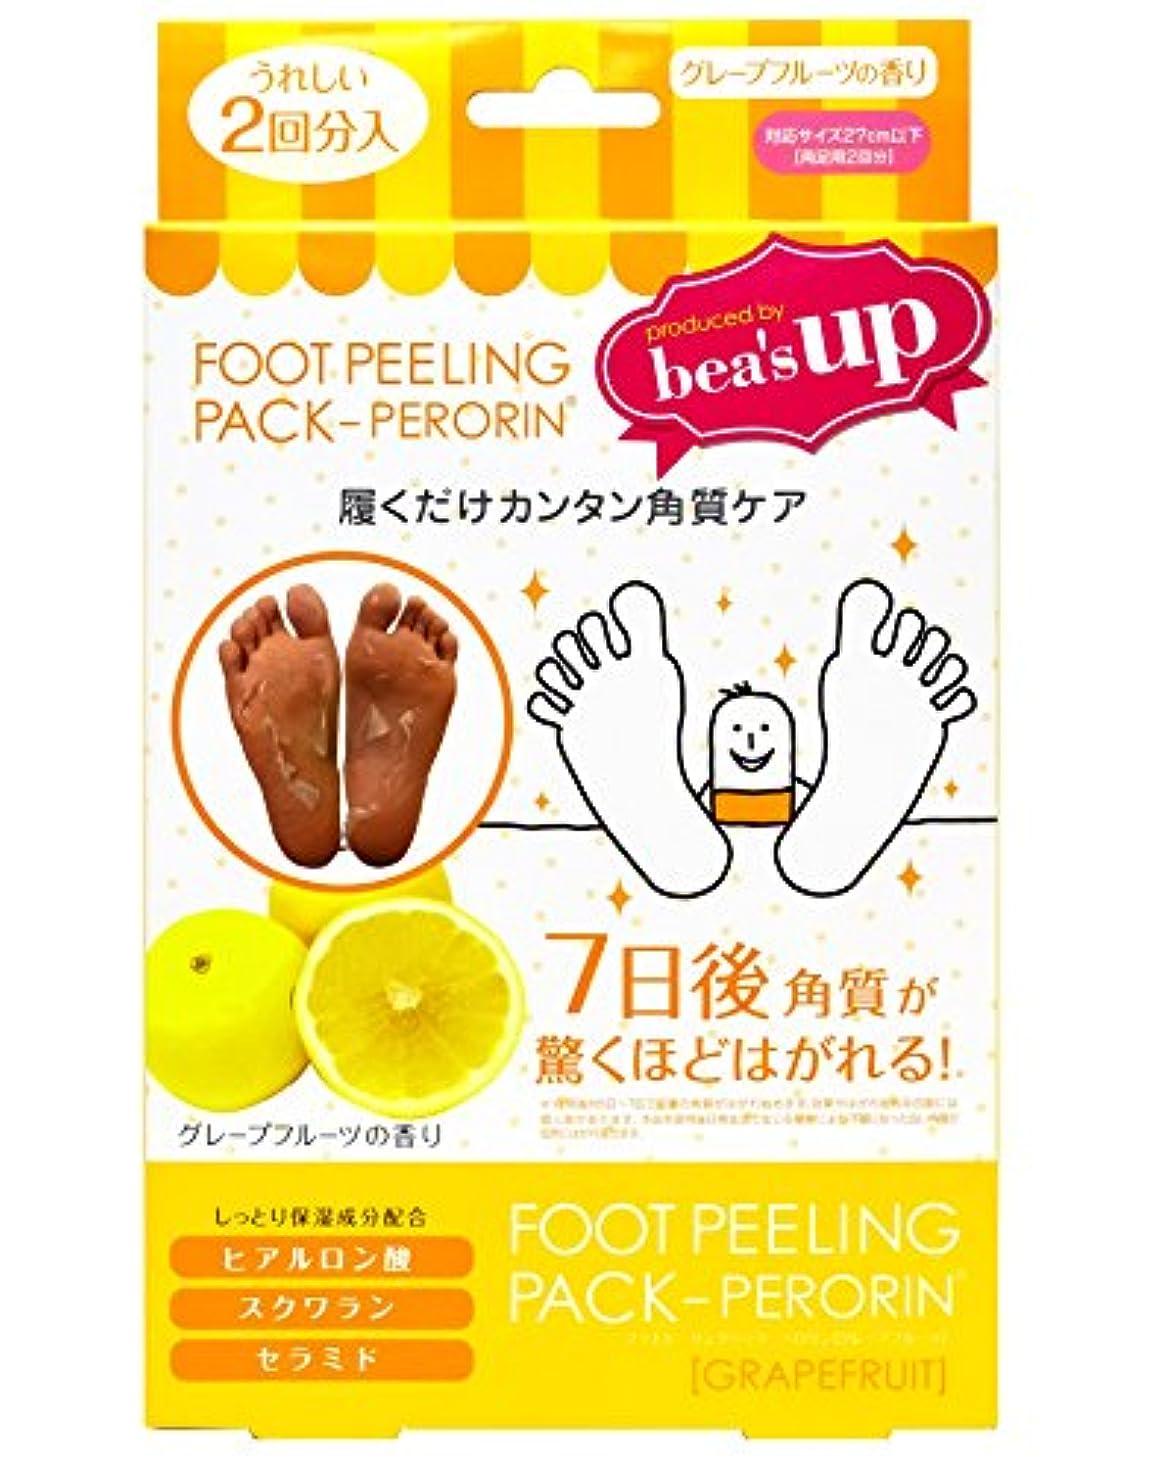 アクセス太鼓腹攻撃Bea's upペロリン2回分(グレープフルーツ)